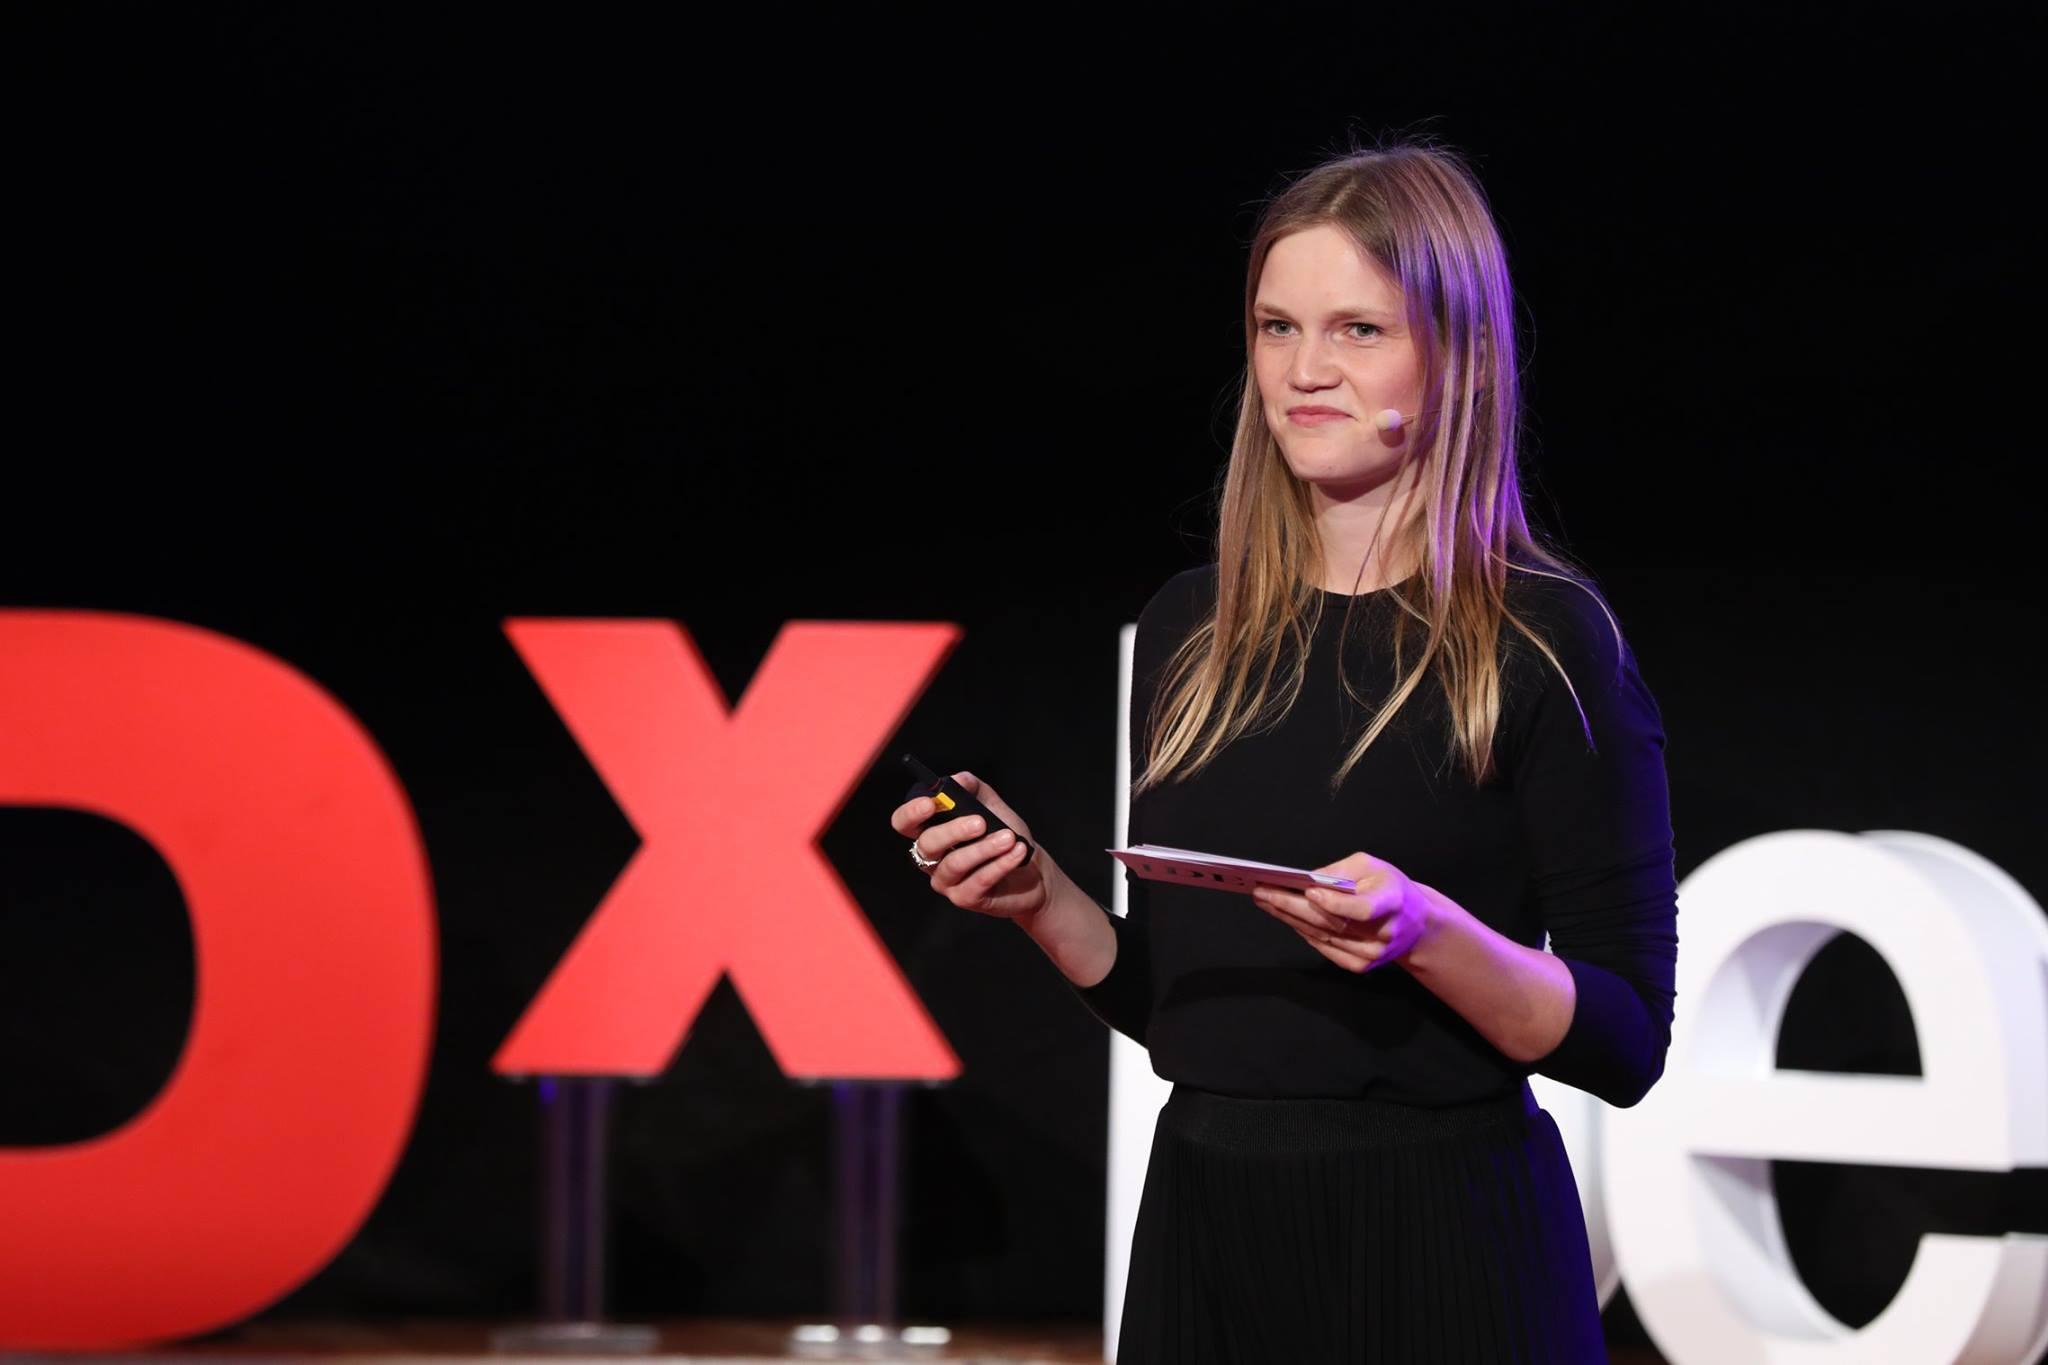 1707_TEDxBerlin-Salon-Democracy_Mareike-Nieberding.jpg